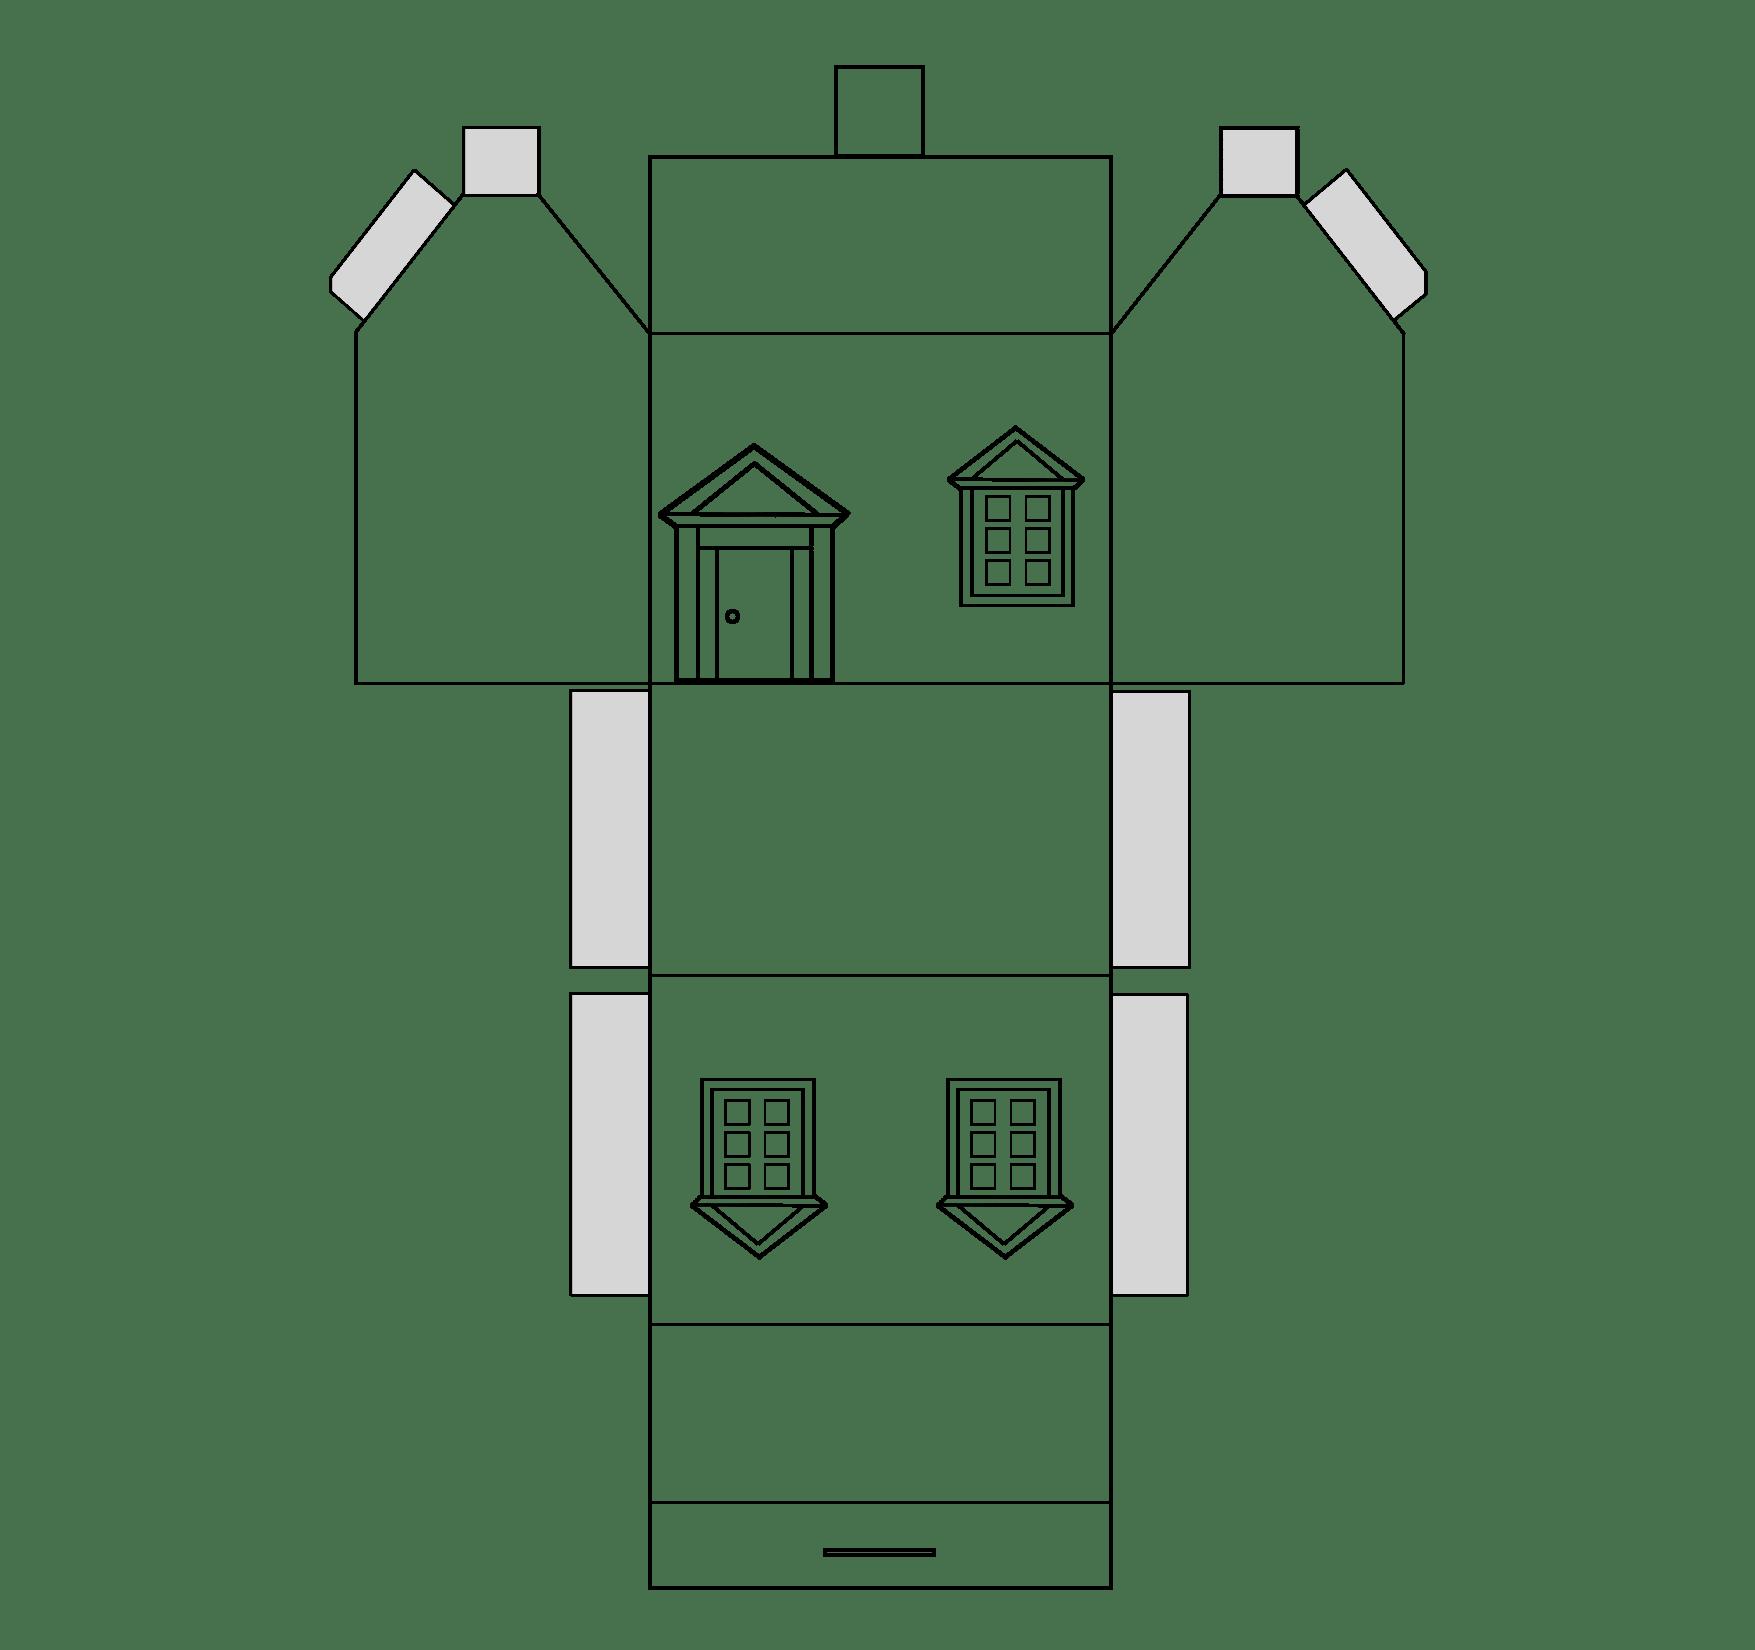 Haus Aus Papier Basteln Vorlagen Dekoking Diy Mehr Basteln Mit Papier Vorlagen Basteln Mit Papier Karton Basteln